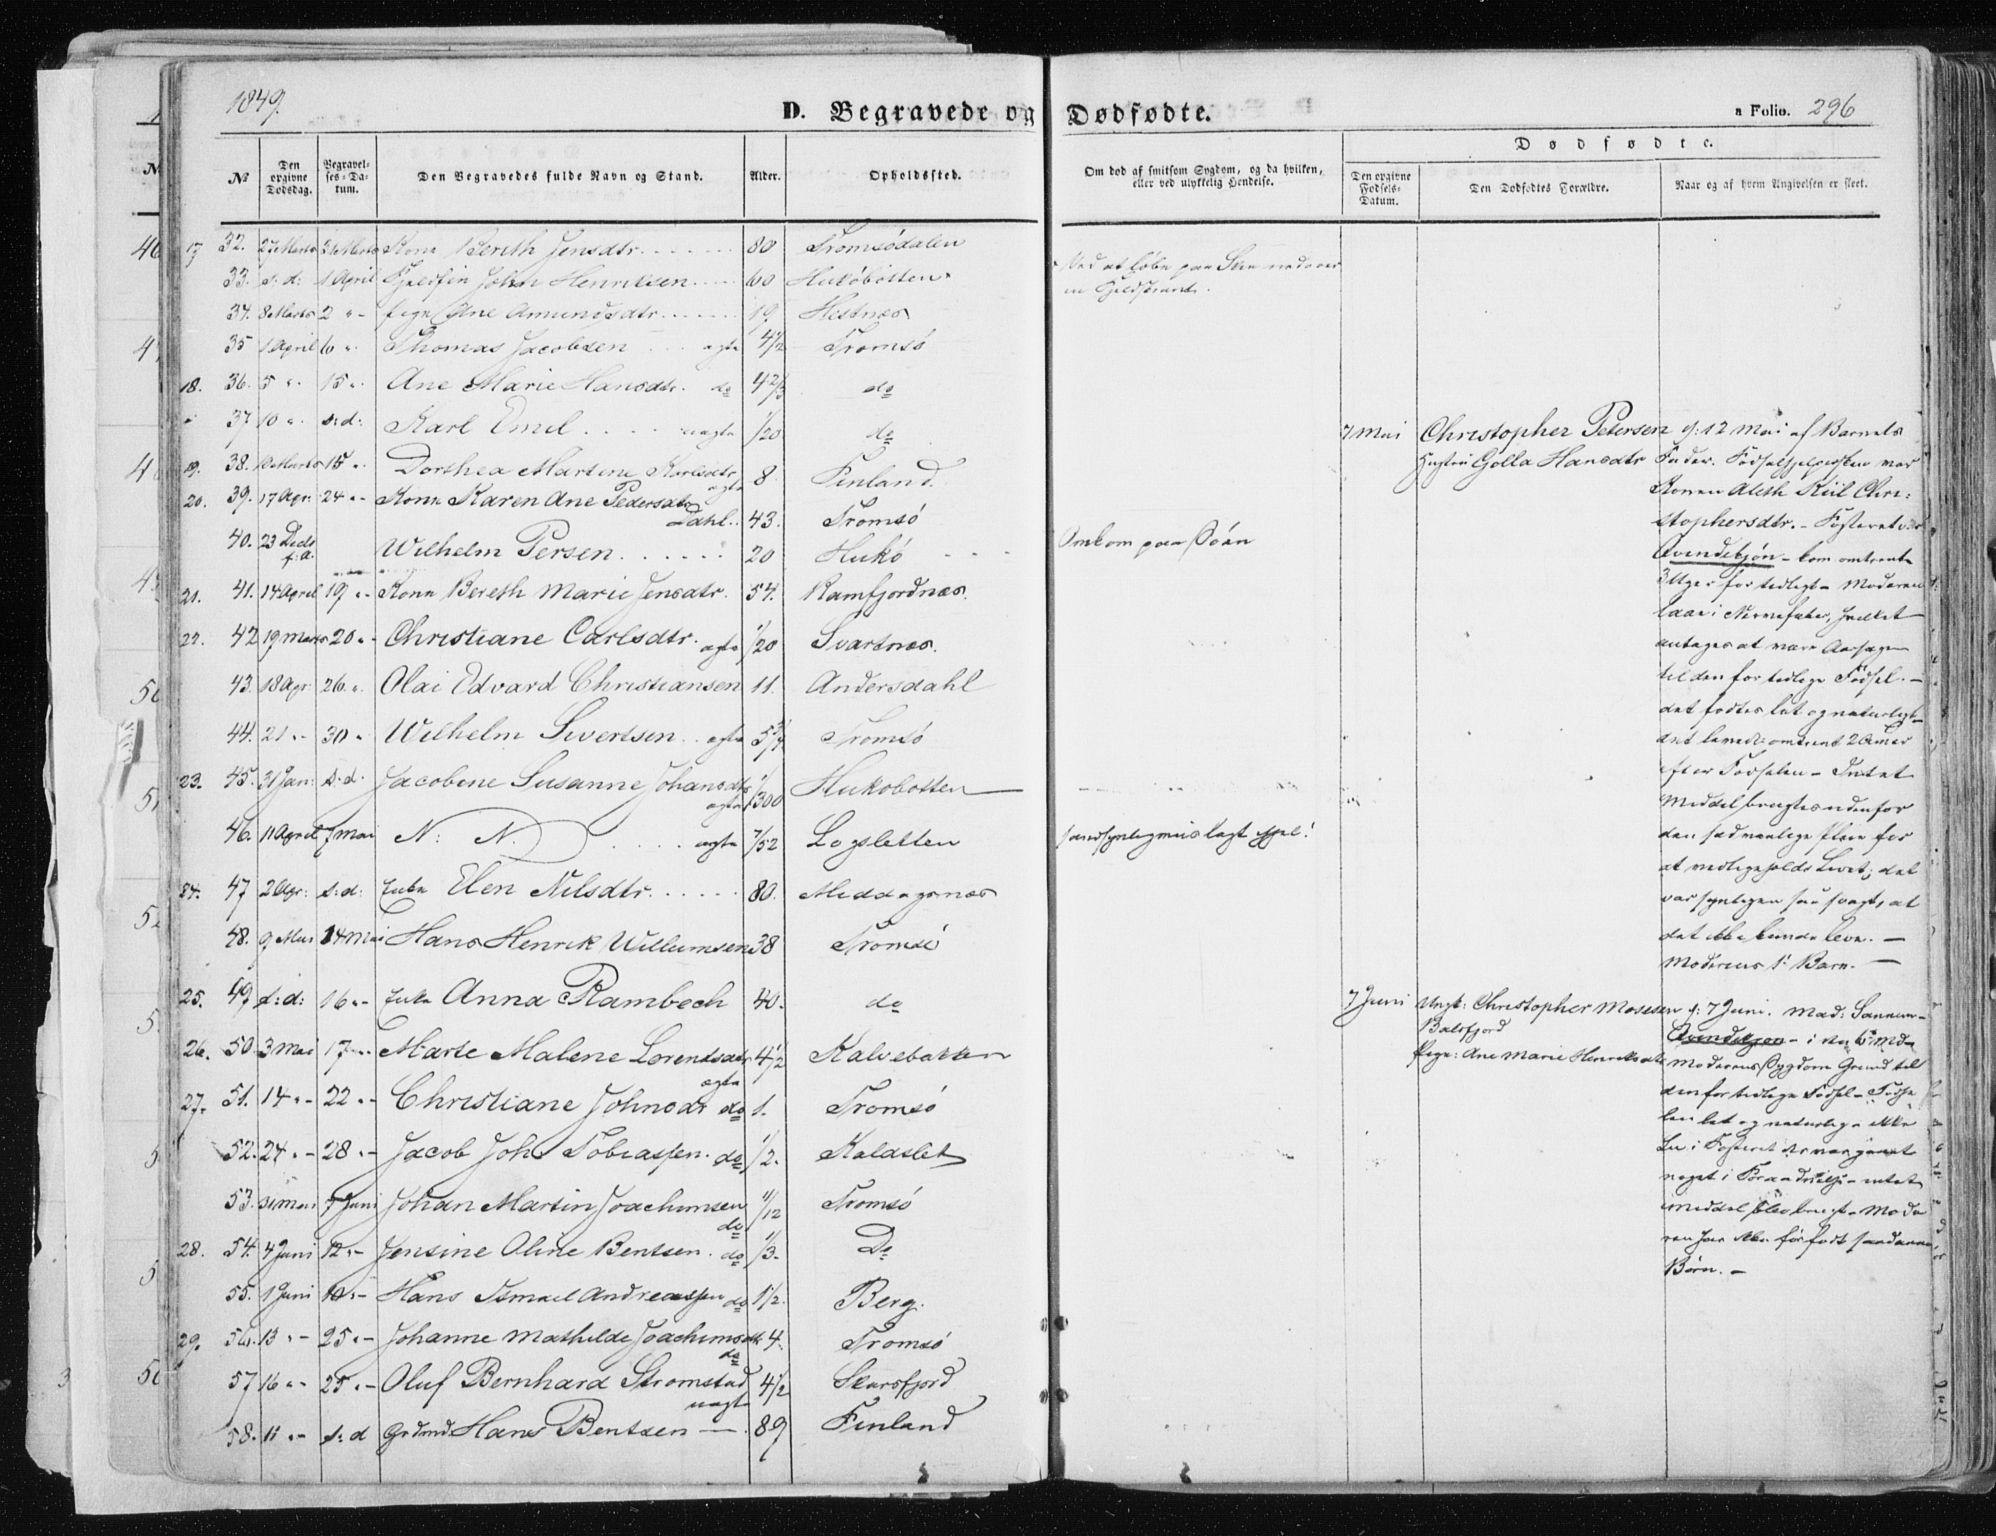 SATØ, Tromsø sokneprestkontor/stiftsprosti/domprosti, G/Ga/L0010kirke: Ministerialbok nr. 10, 1848-1855, s. 296